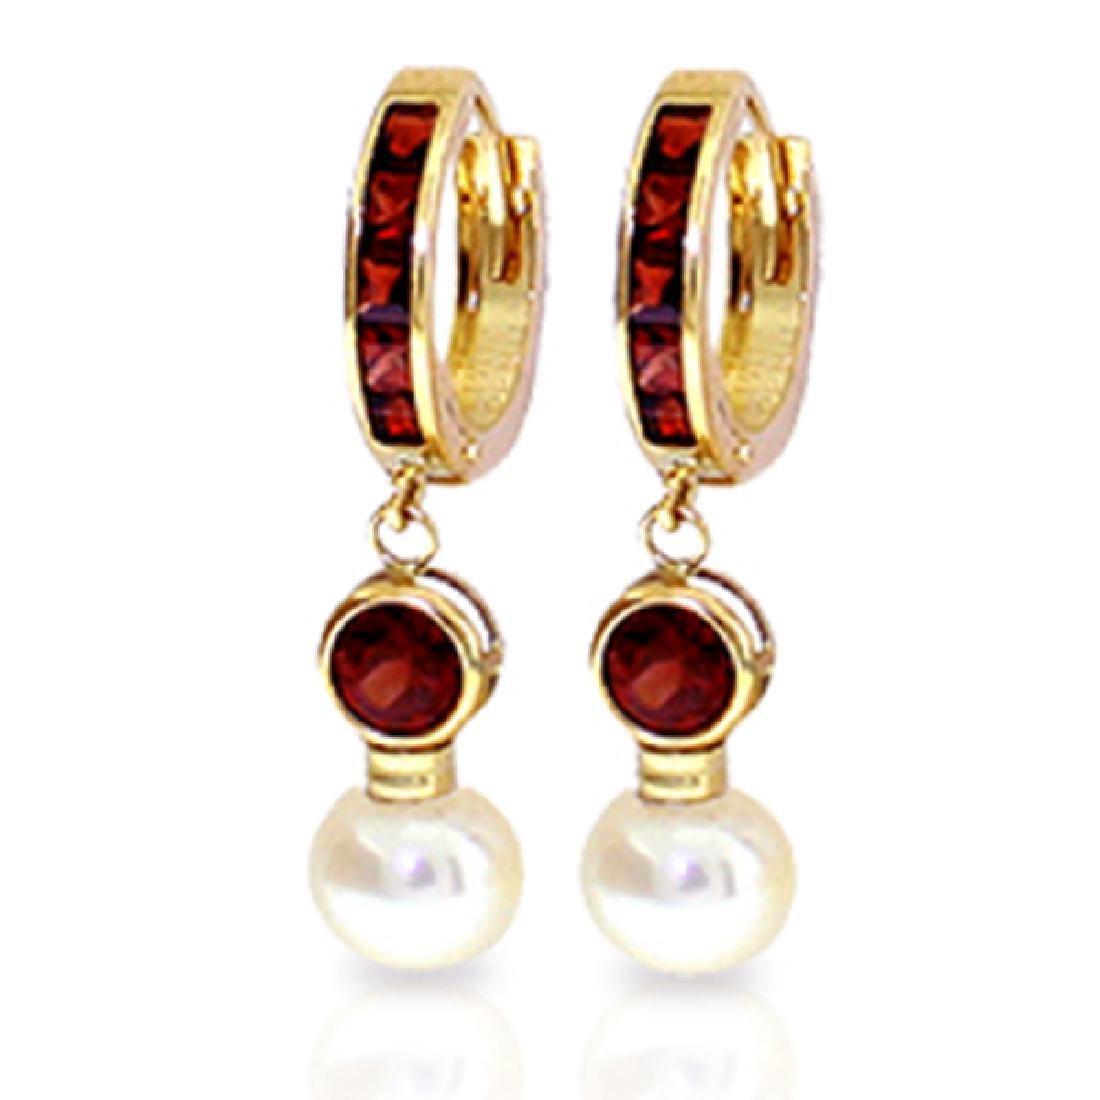 Genuine 4.3 ctw Garnet & Pearl Earrings Jewelry 14KT